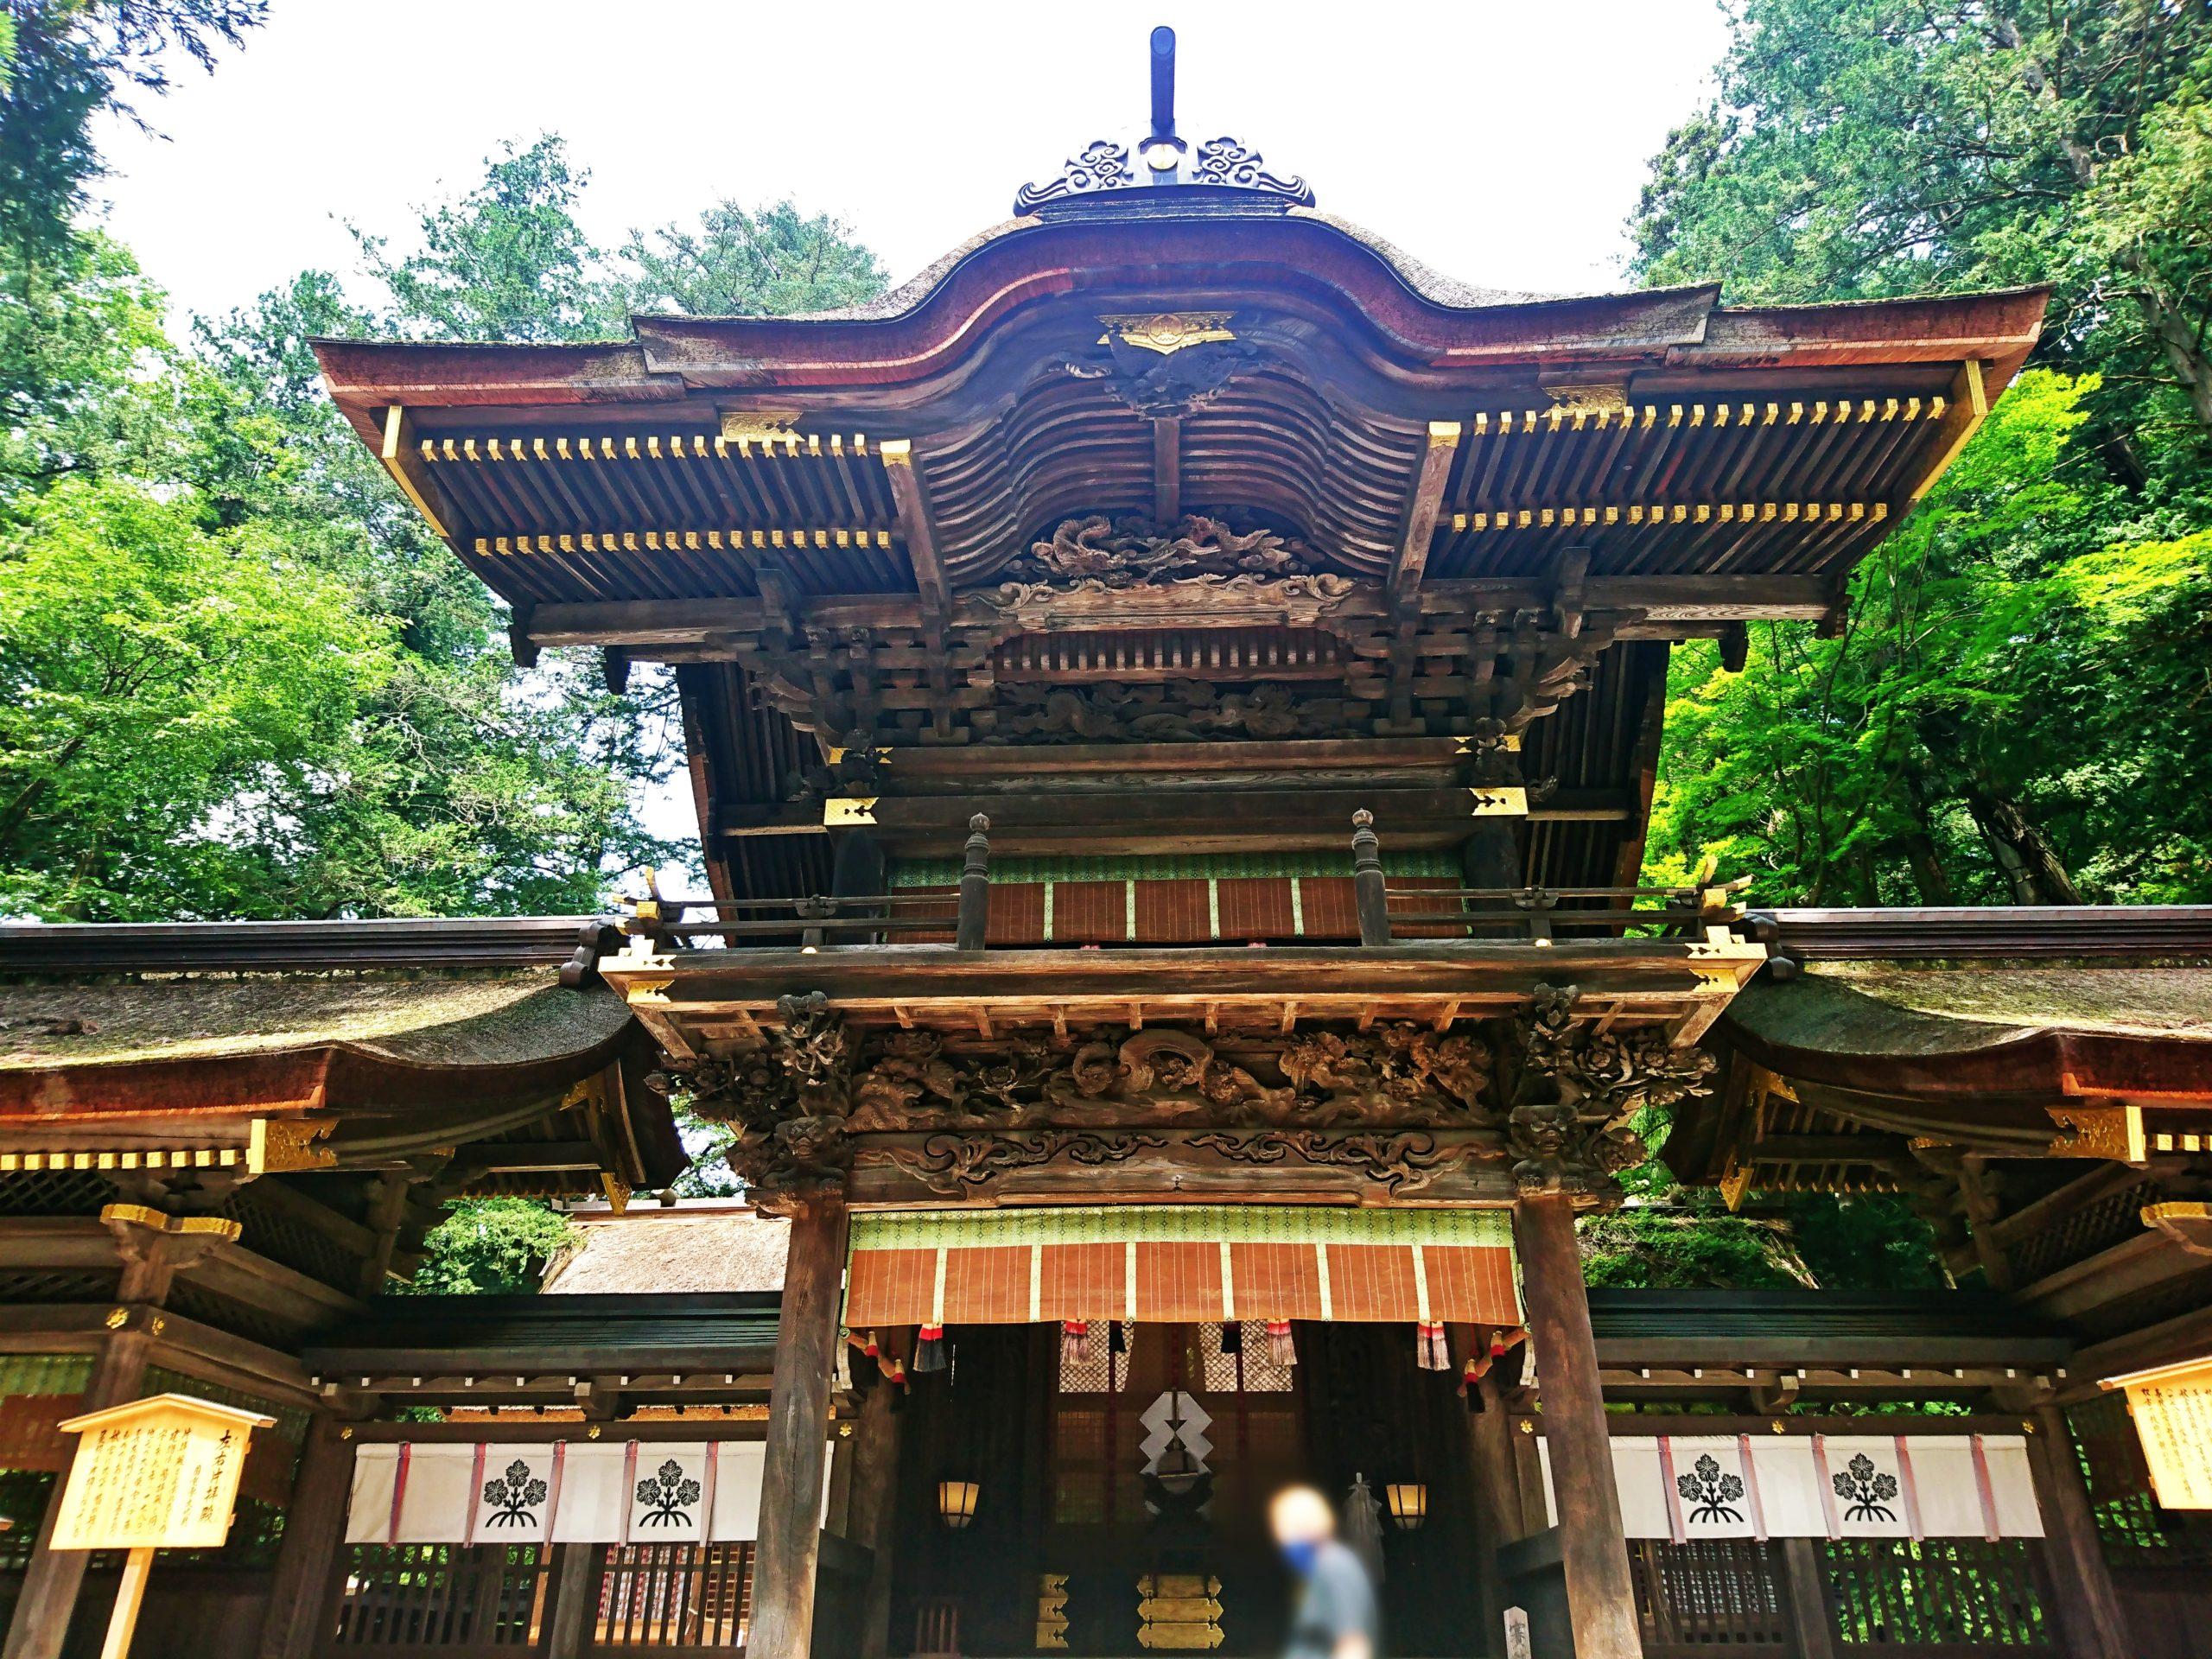 諏訪大社下社春宮の幣拝殿